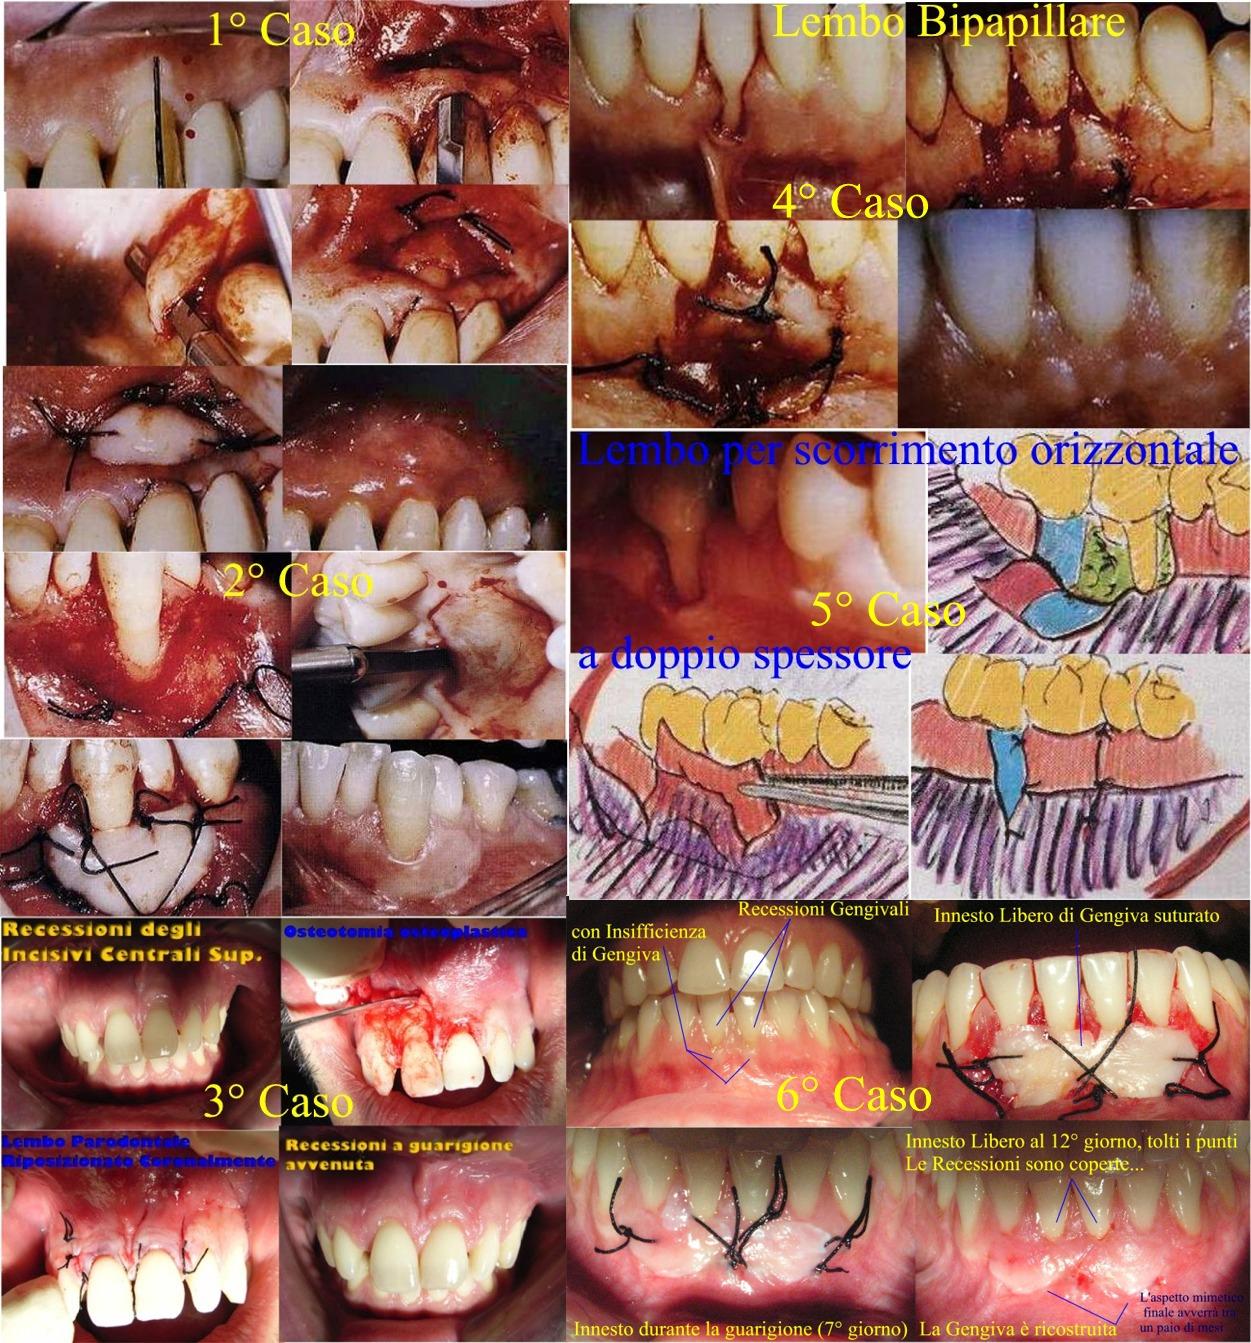 Interventi di Chirurgia Parodontale Mucogengivale per la terapia delle Recessioni Gengivali! Da casistica del Dr. Gustavo Petti Parodontologo di Cagliari